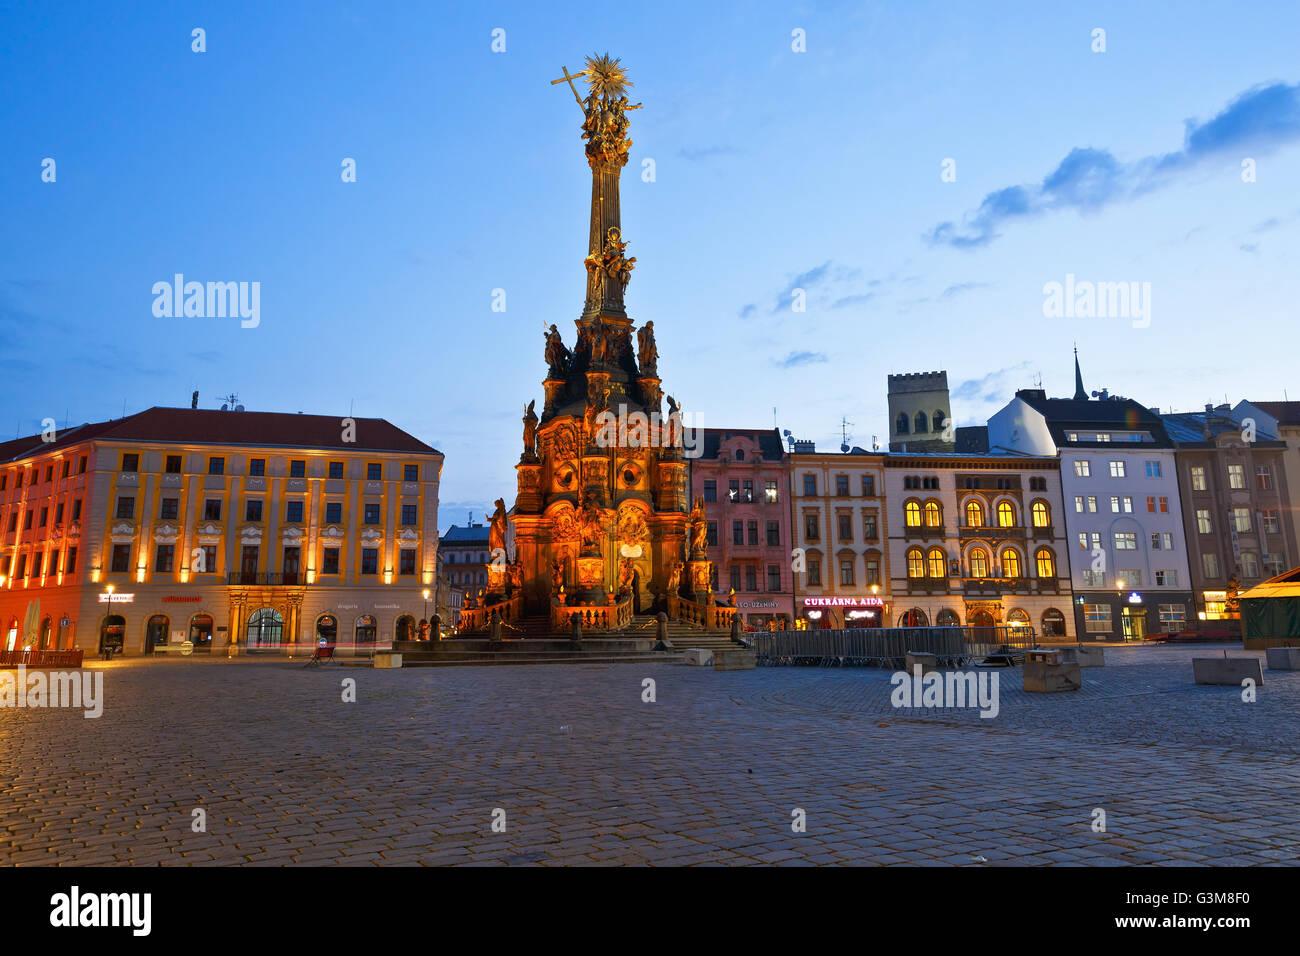 La colonna della santa Trinità nella piazza principale del centro storico di Olomouc, Repubblica Ceca. Immagini Stock